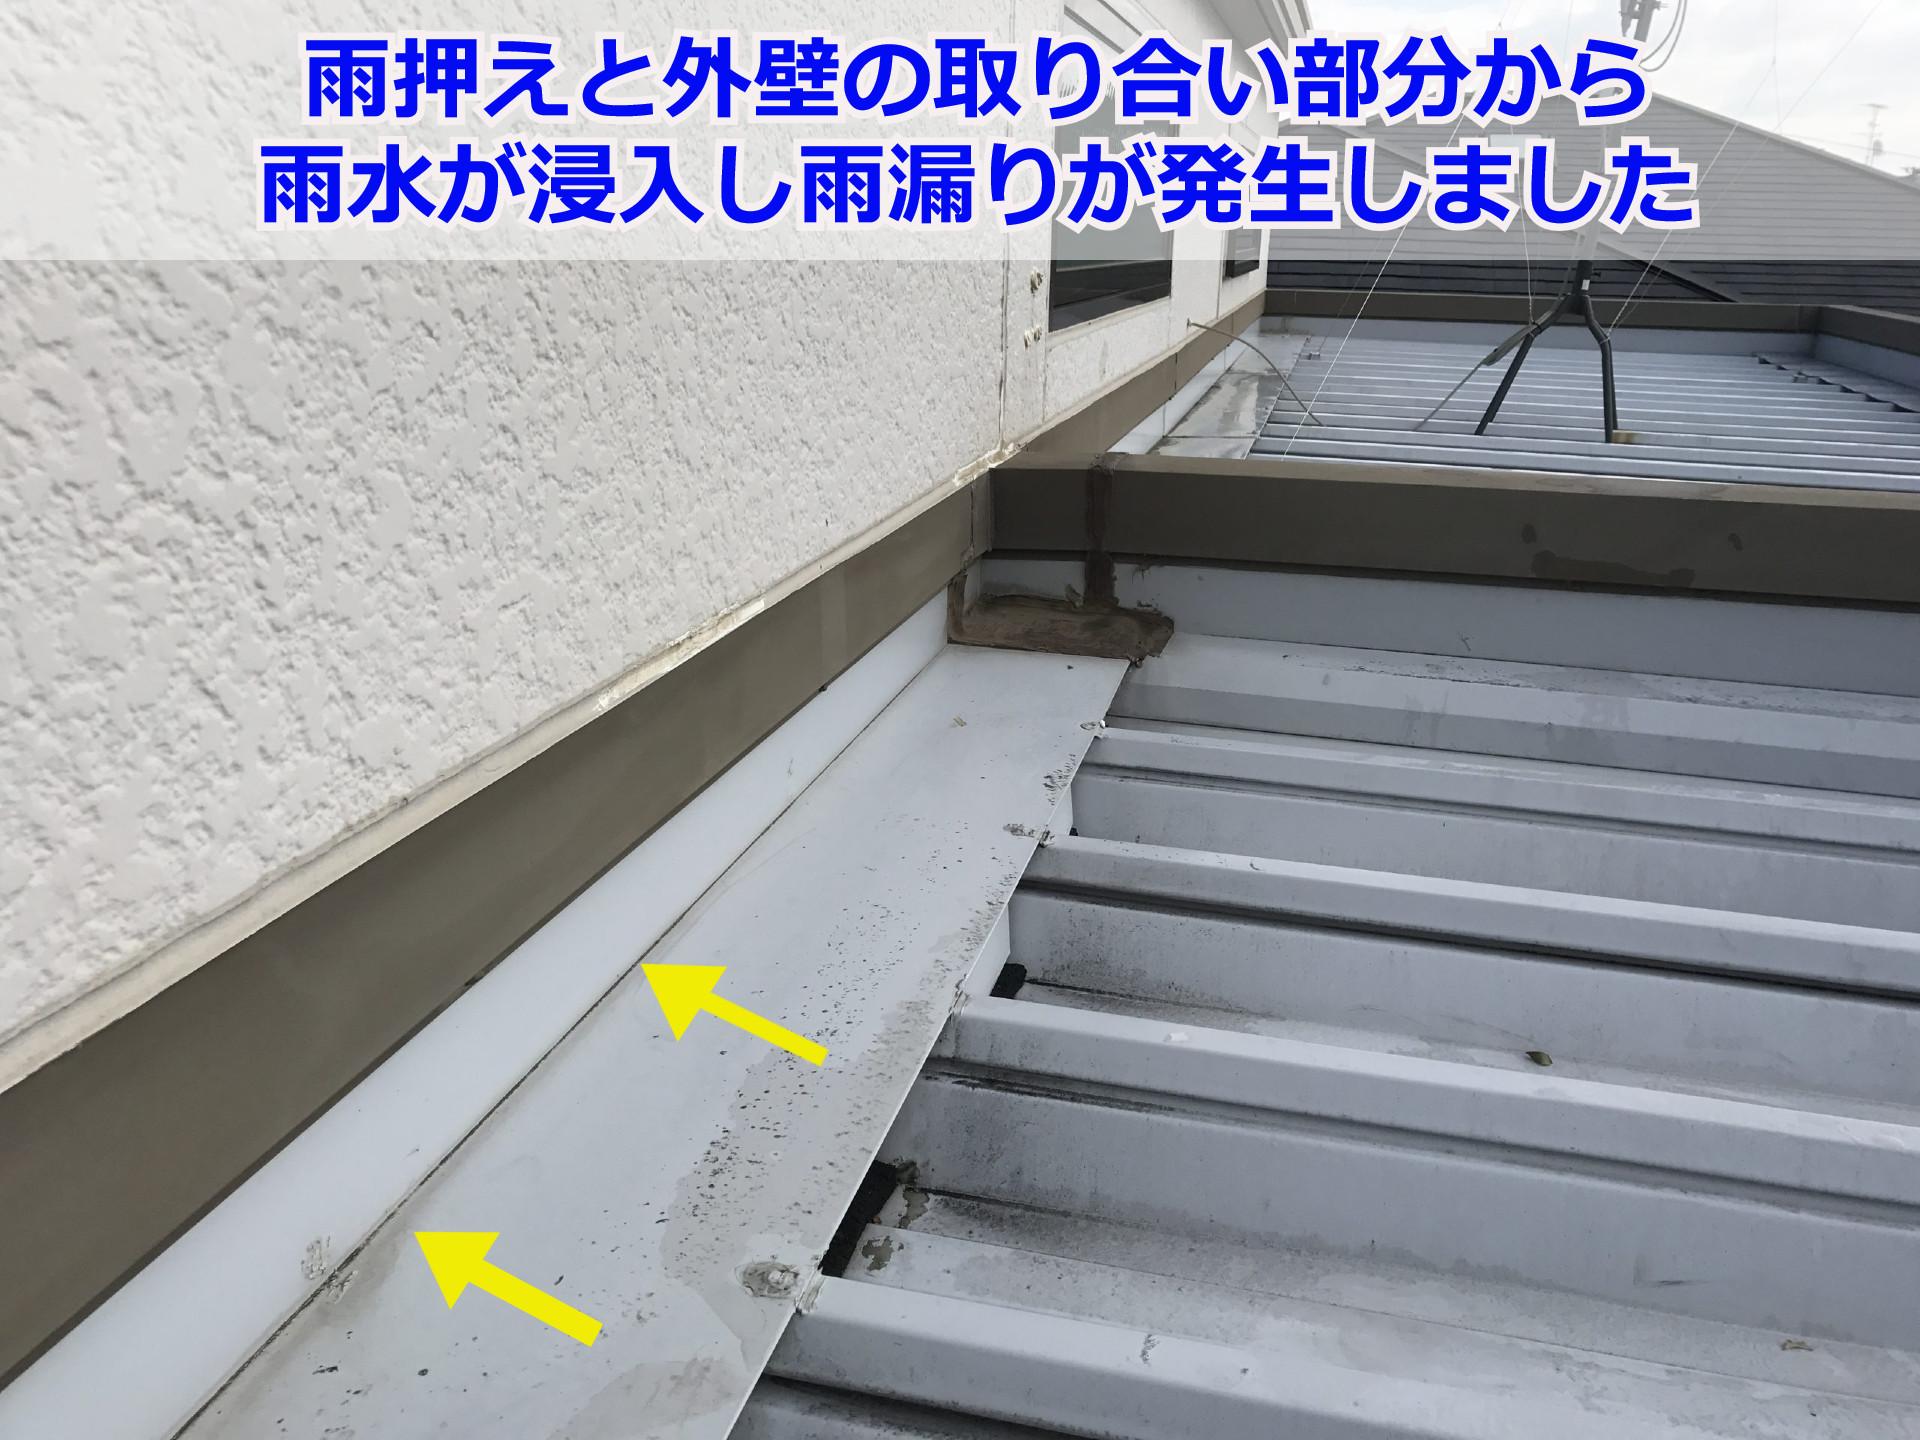 雨水の浸入箇所